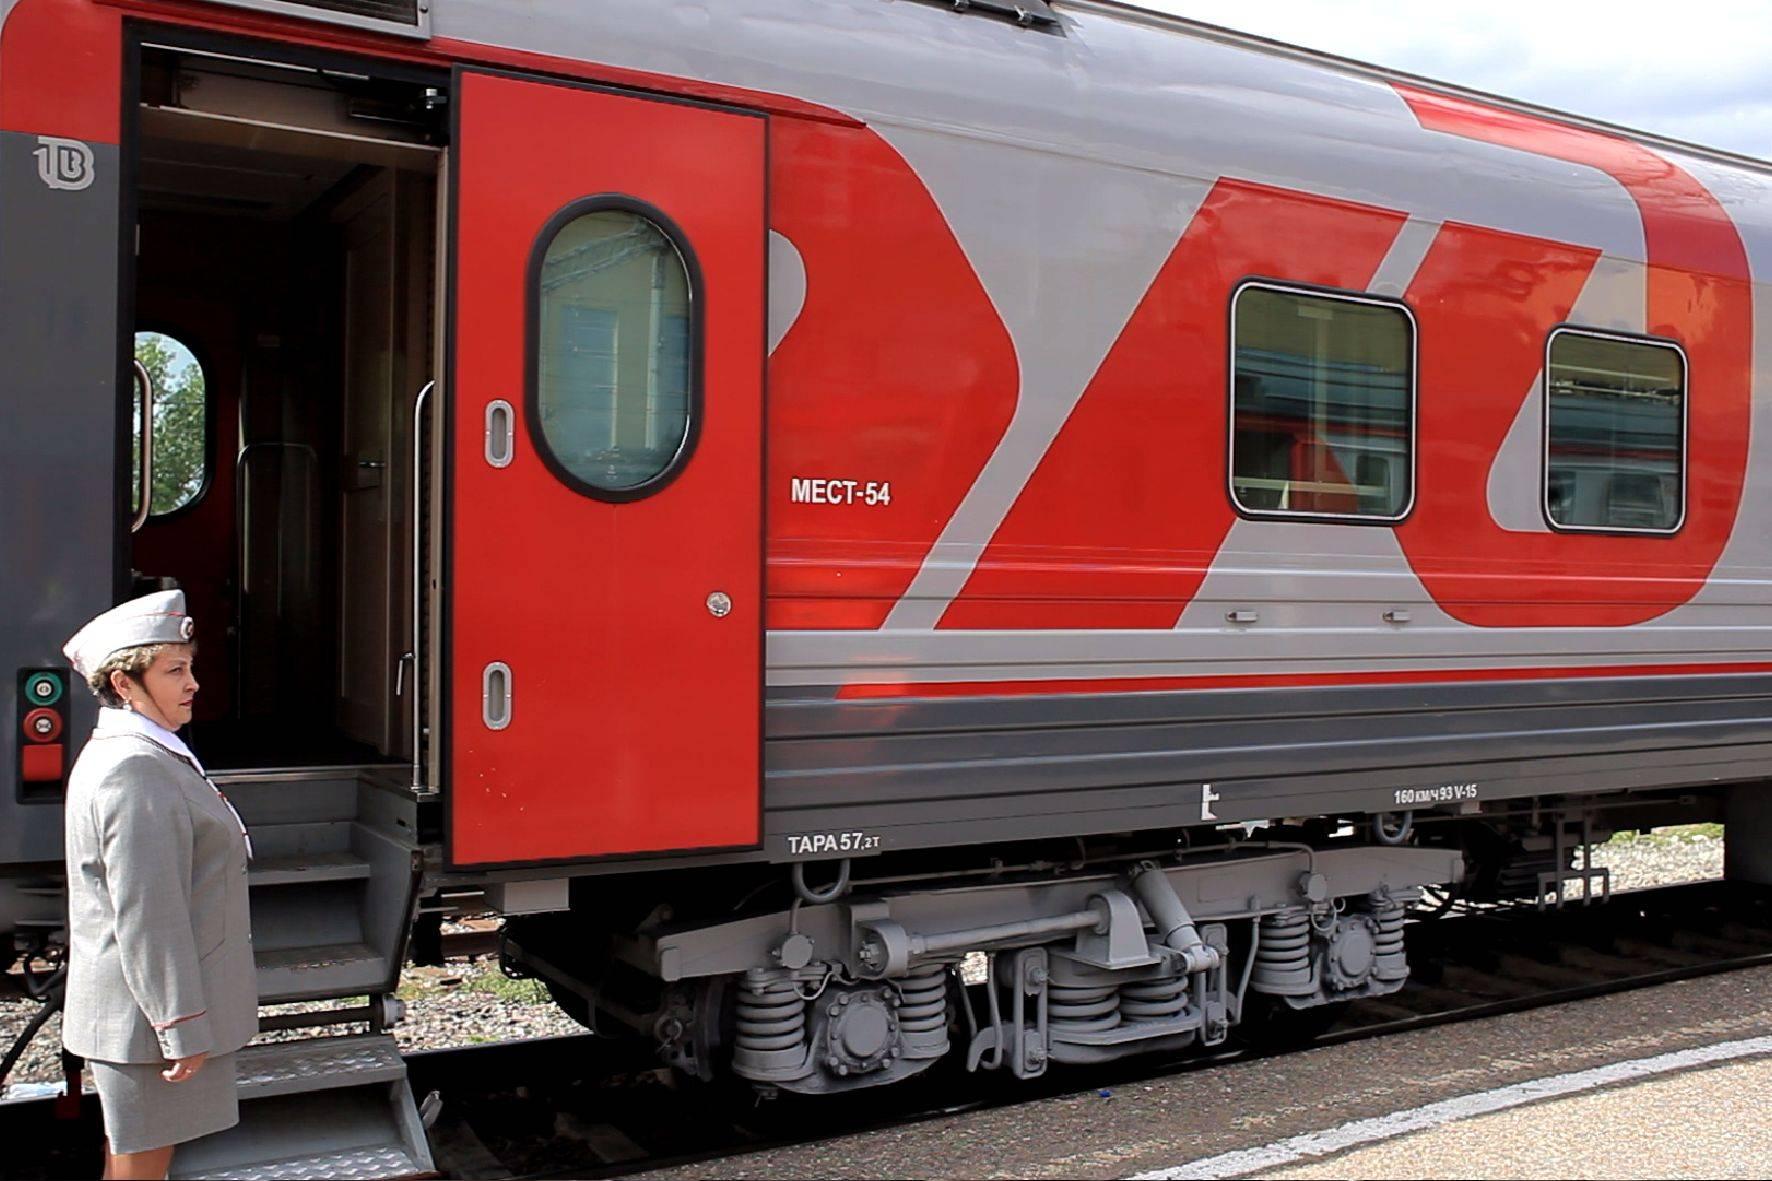 Типы вагонов и классы обслуживания в поездах ржд классы обслуживания в поездах ржд   типы вагонов и расшифровка классов обслуживания ржд